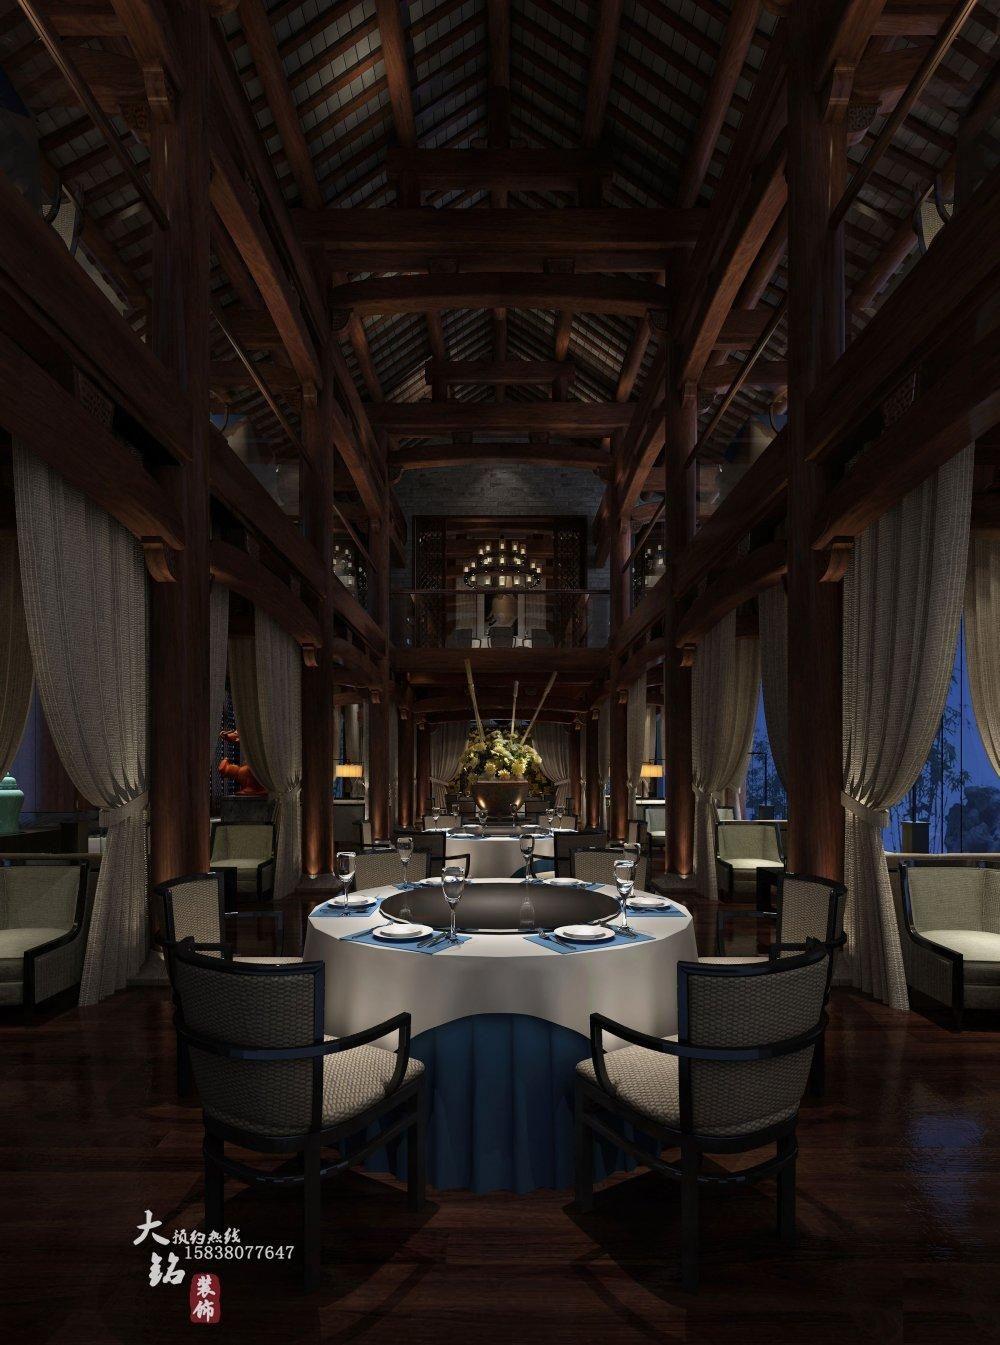 苏园一号 酒店设计 设计案例 郑州餐厅装修设高清图片